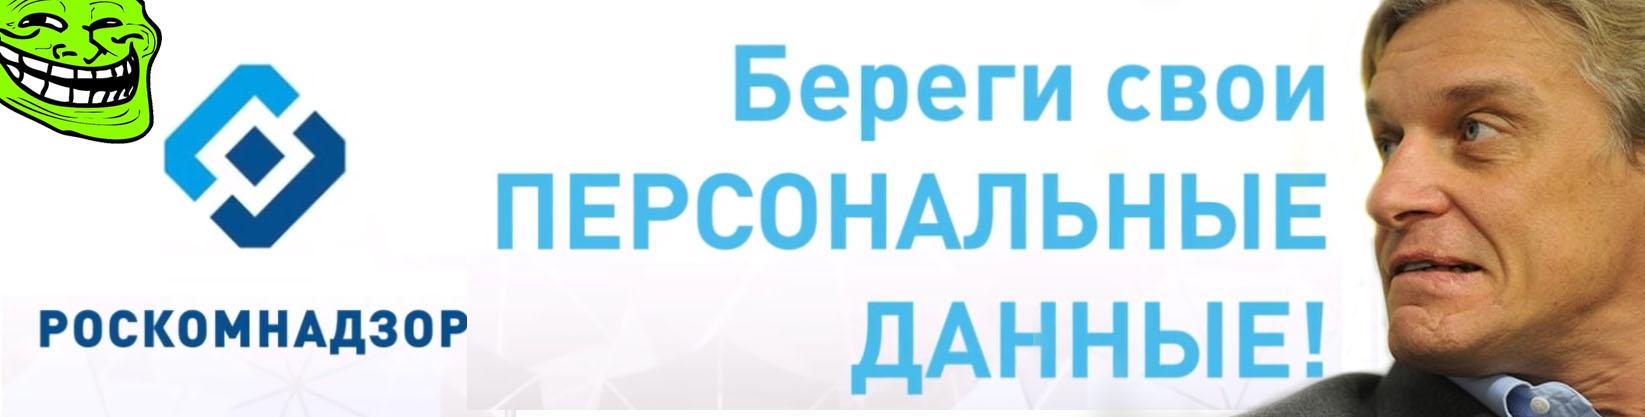 Цены российского черного рынка на пробив персональных данных (плюс ответ на ответ Тинькофф Банка) - 1